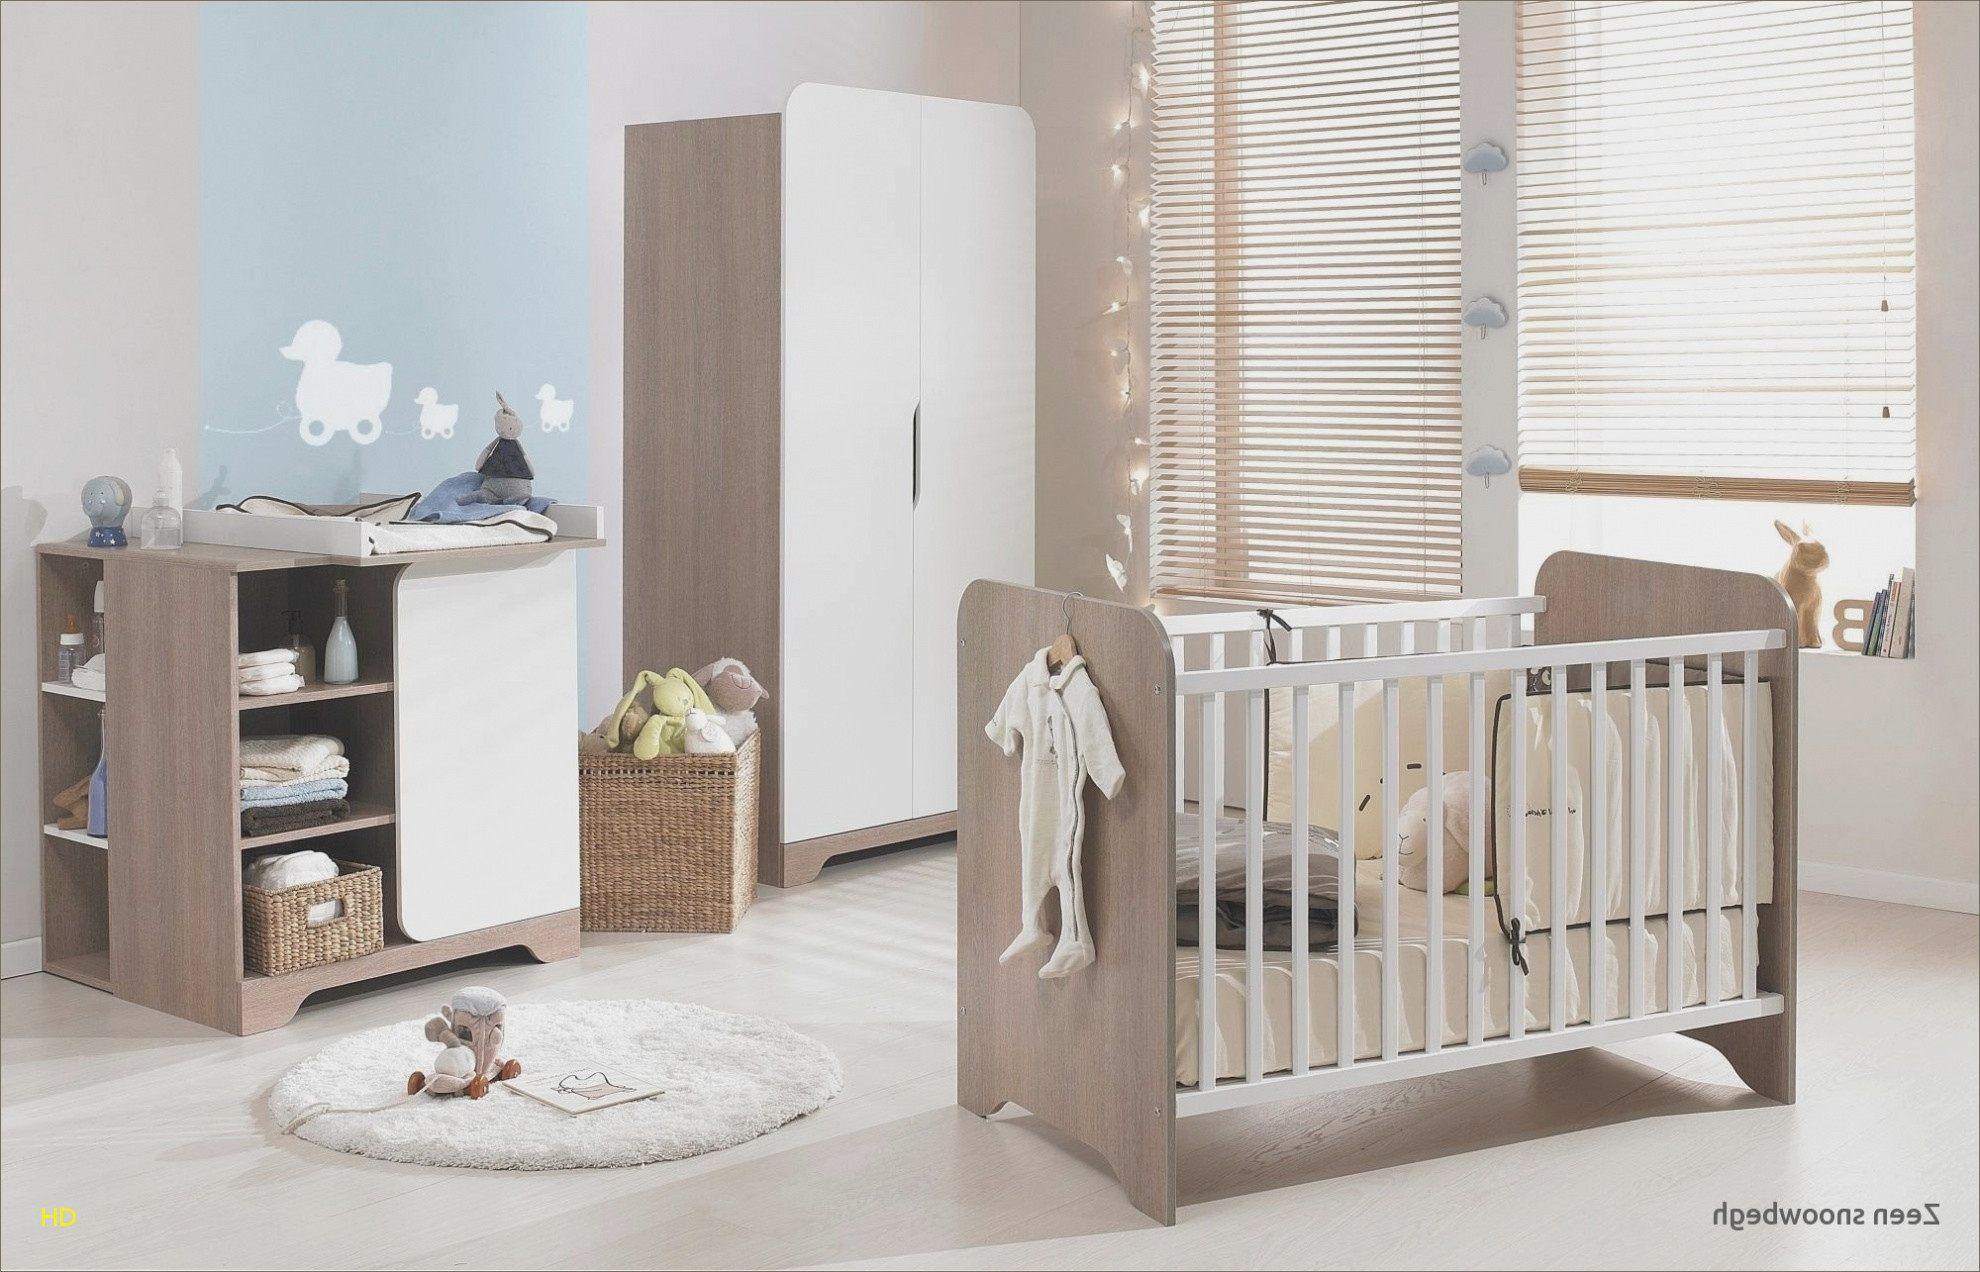 Lit Enfant Bebe Belle Engageant but Chambre D Enfant Dans Chambre Bébé Bois Massif Lit